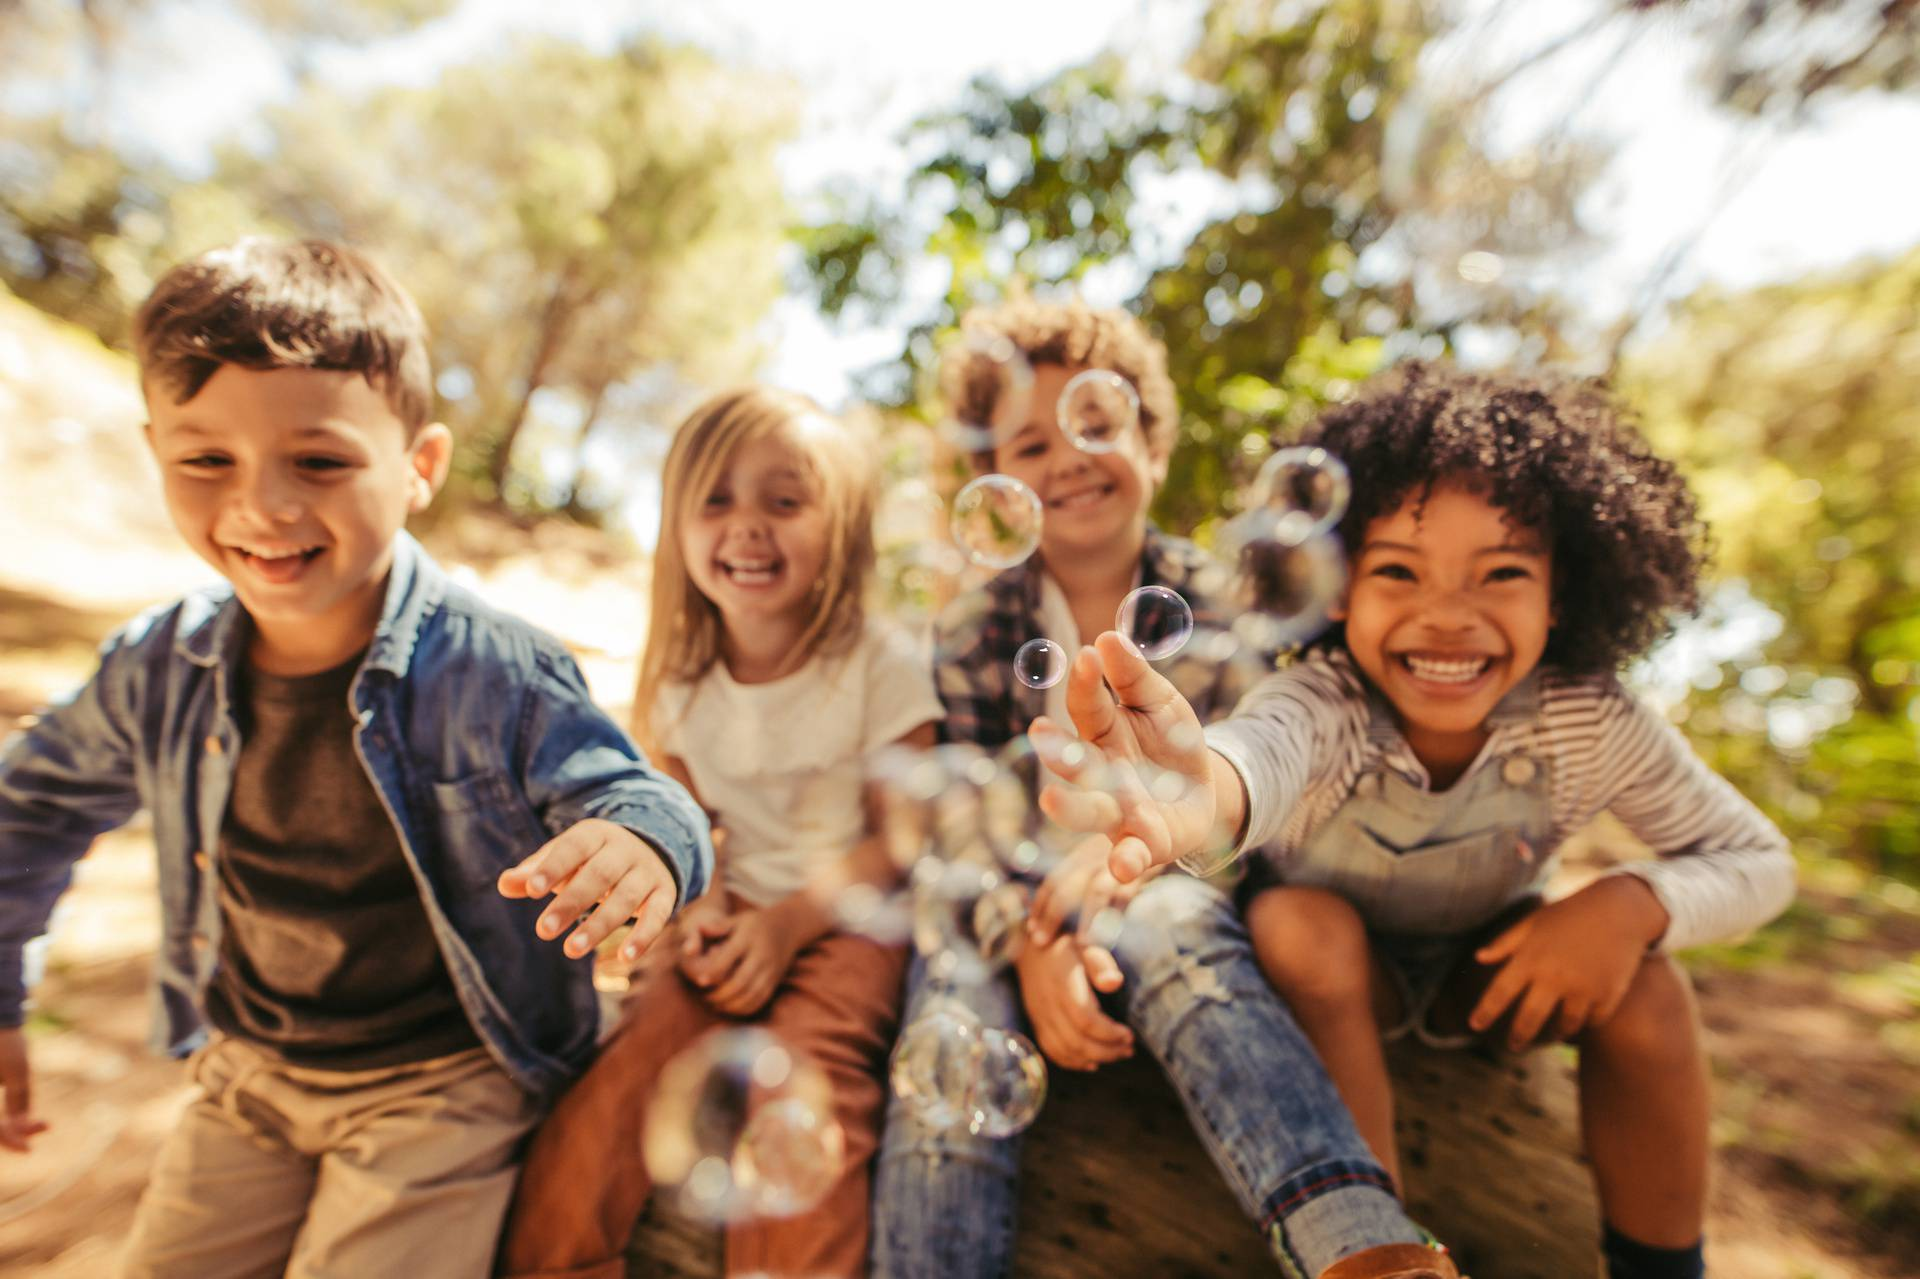 Djeca i diskriminacija: Naučite ih da prihvate i sebe i druge te da znaju poštivati različitosti